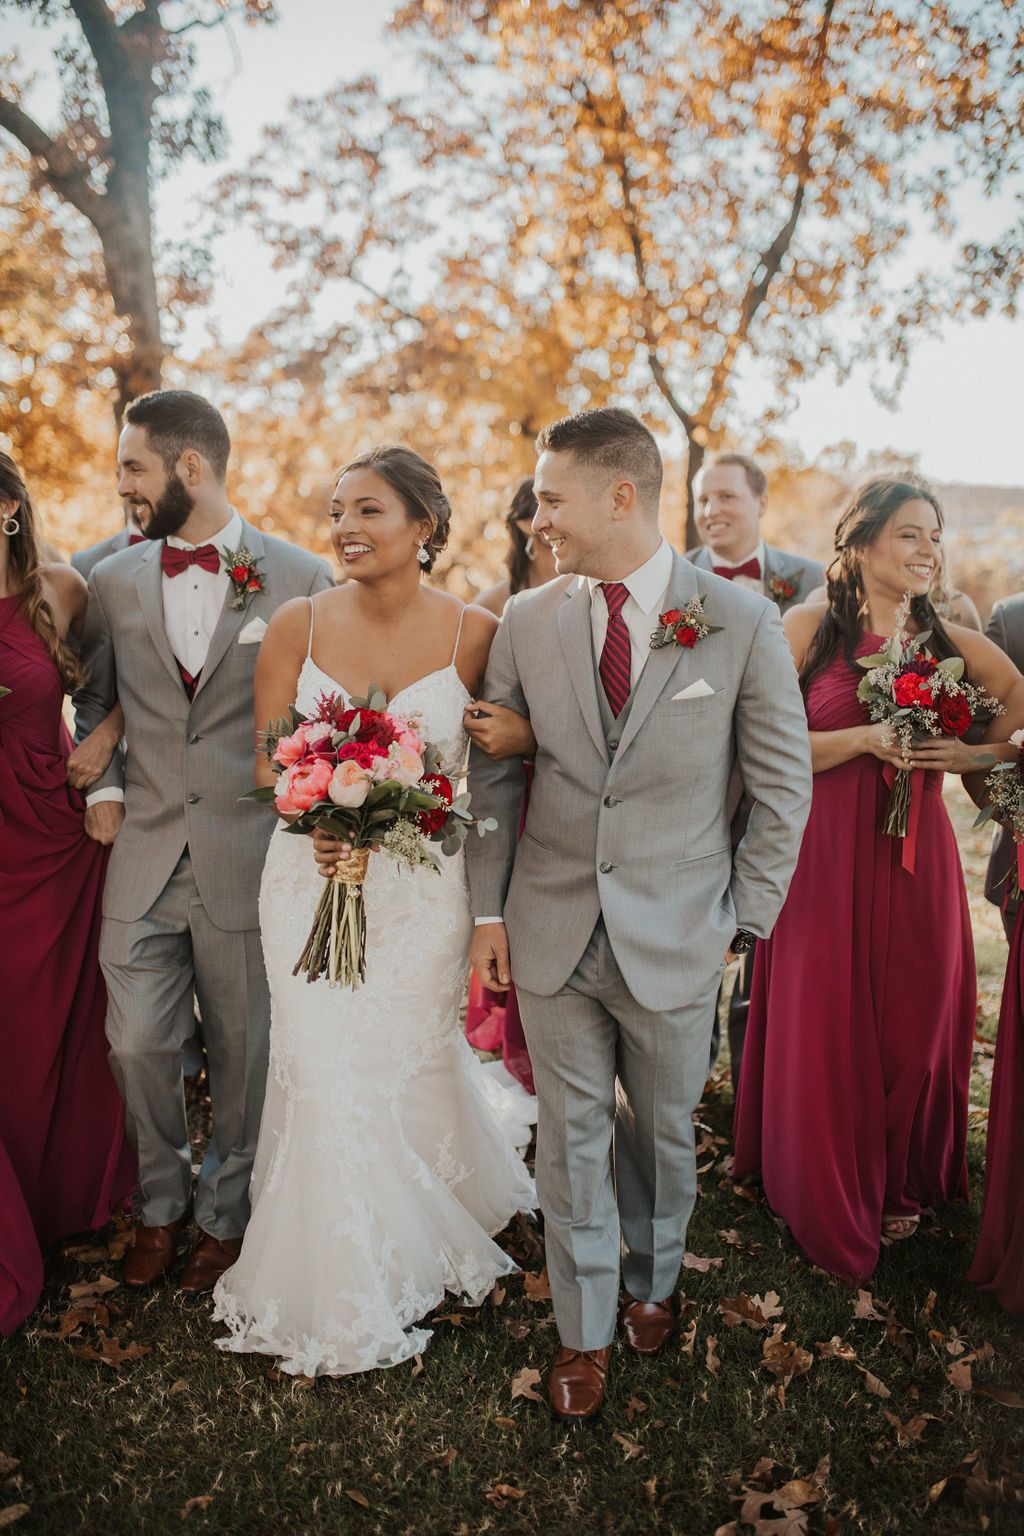 Tulsa Wedding Venue Springs Venue Bridal Parties Colors Burgundy And Grey Wedding Wedding Groomsmen Attire